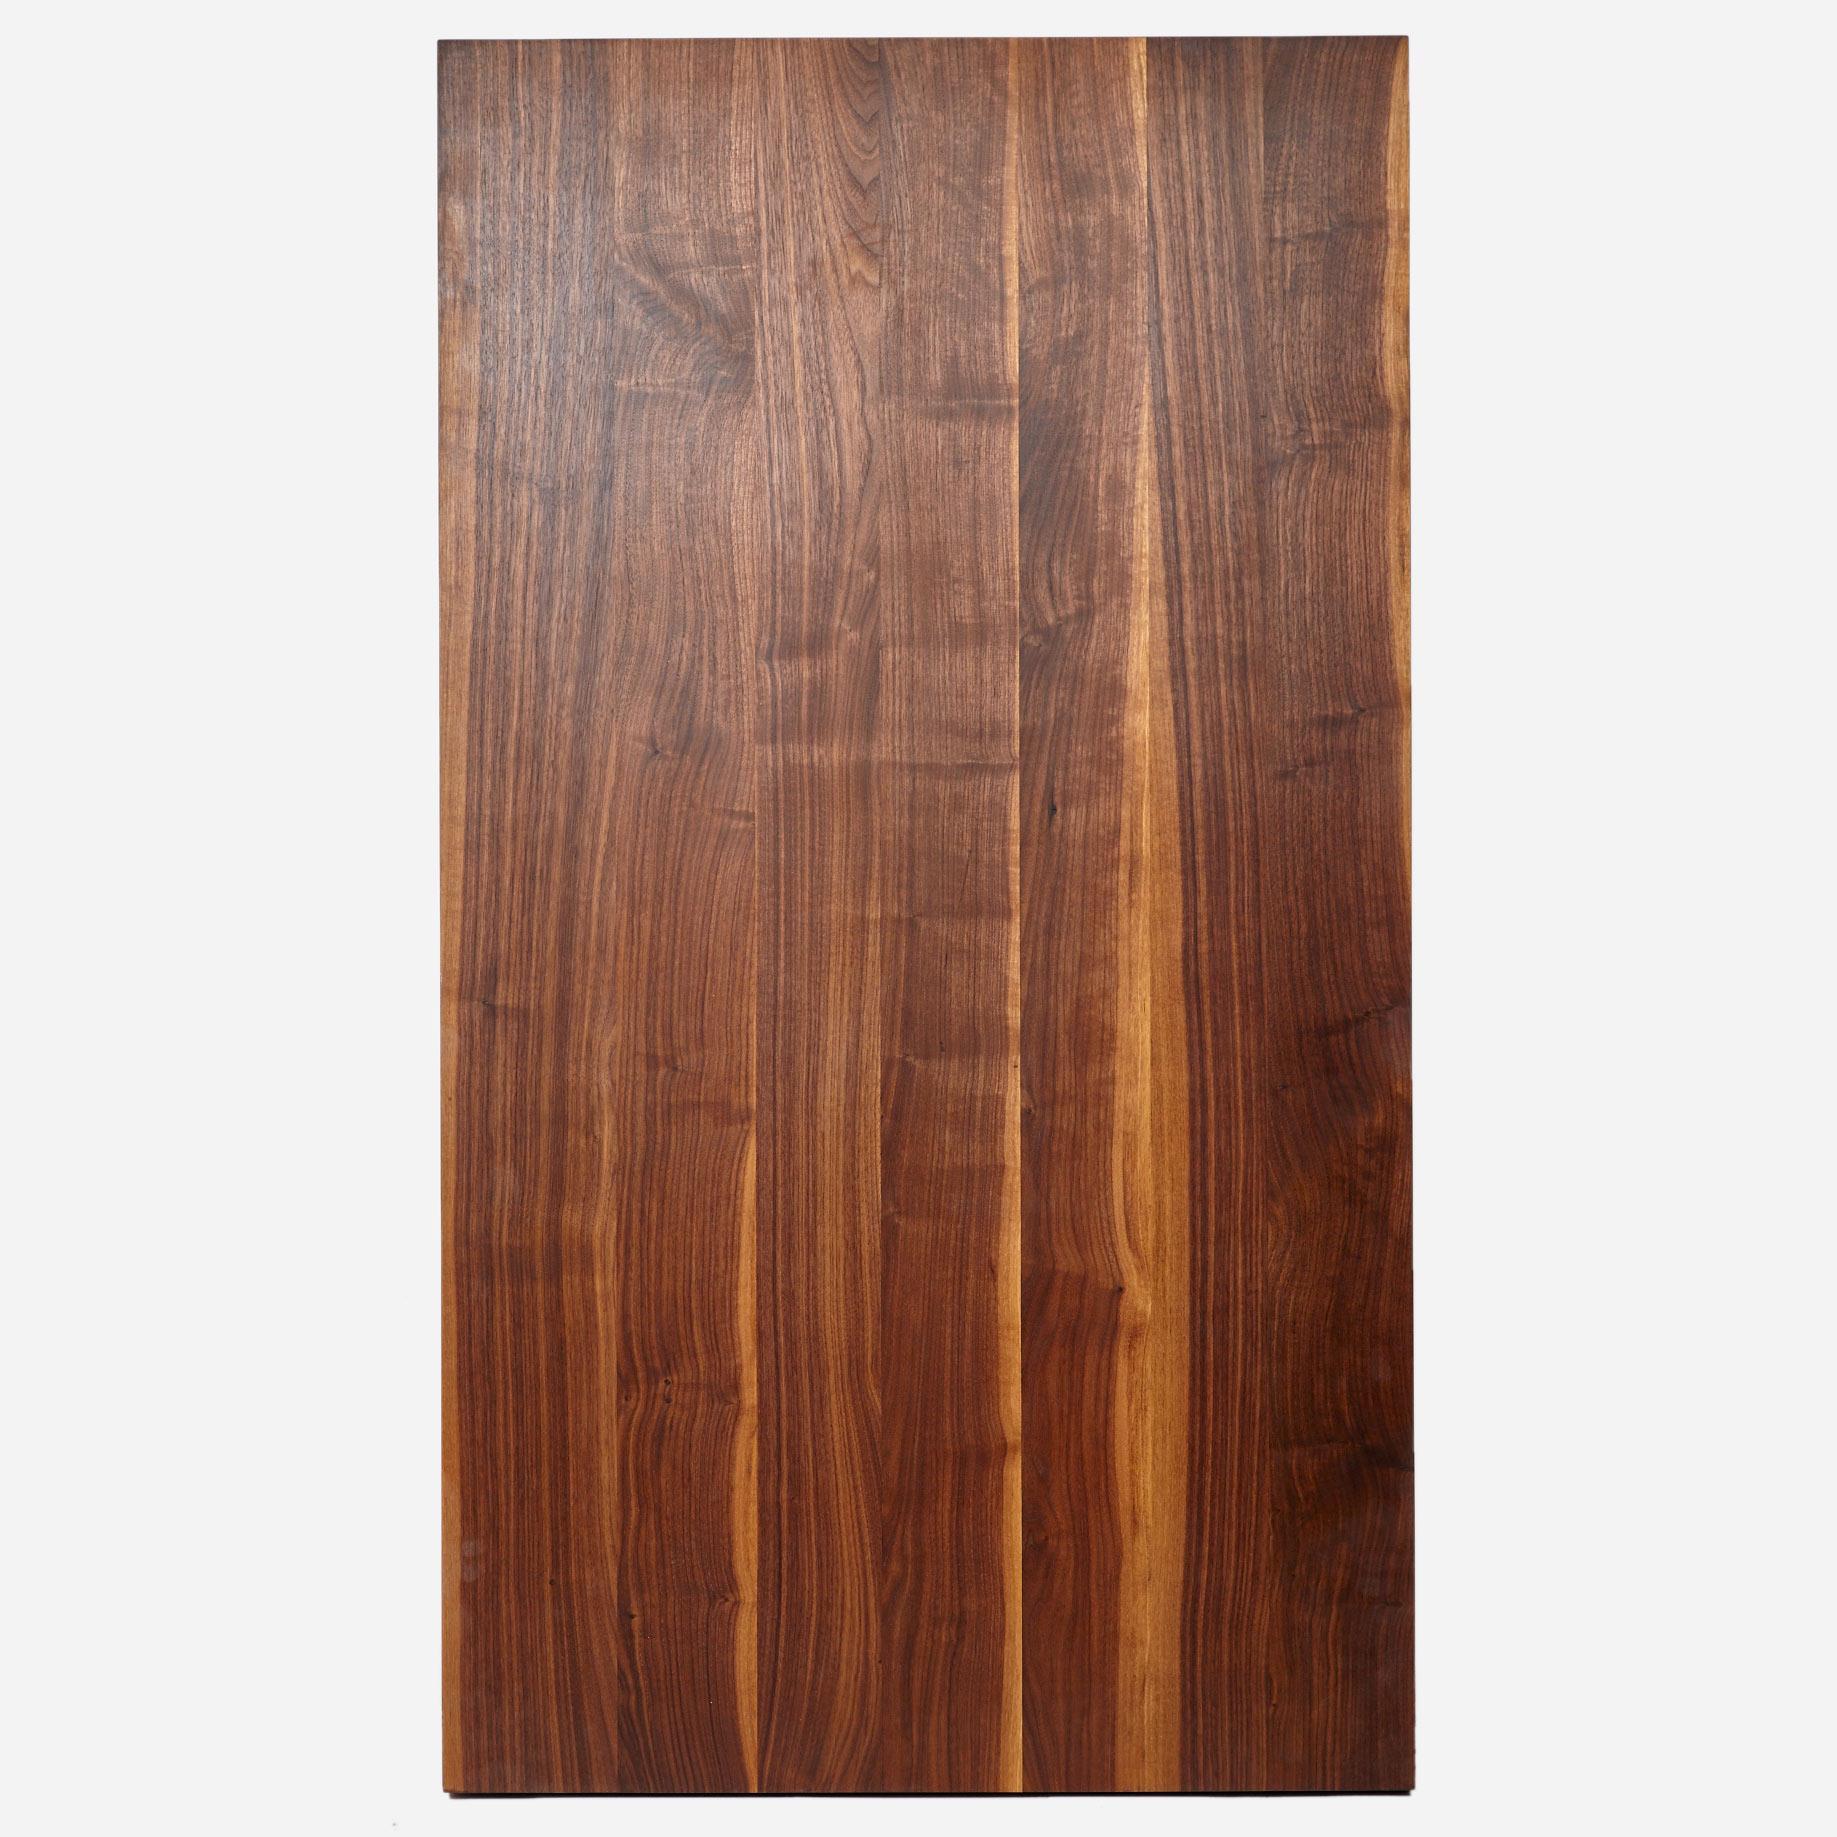 Nussbaum Möbel 5cm dicke tischplatte aus nussbaum möbel zürich vintagemöbel